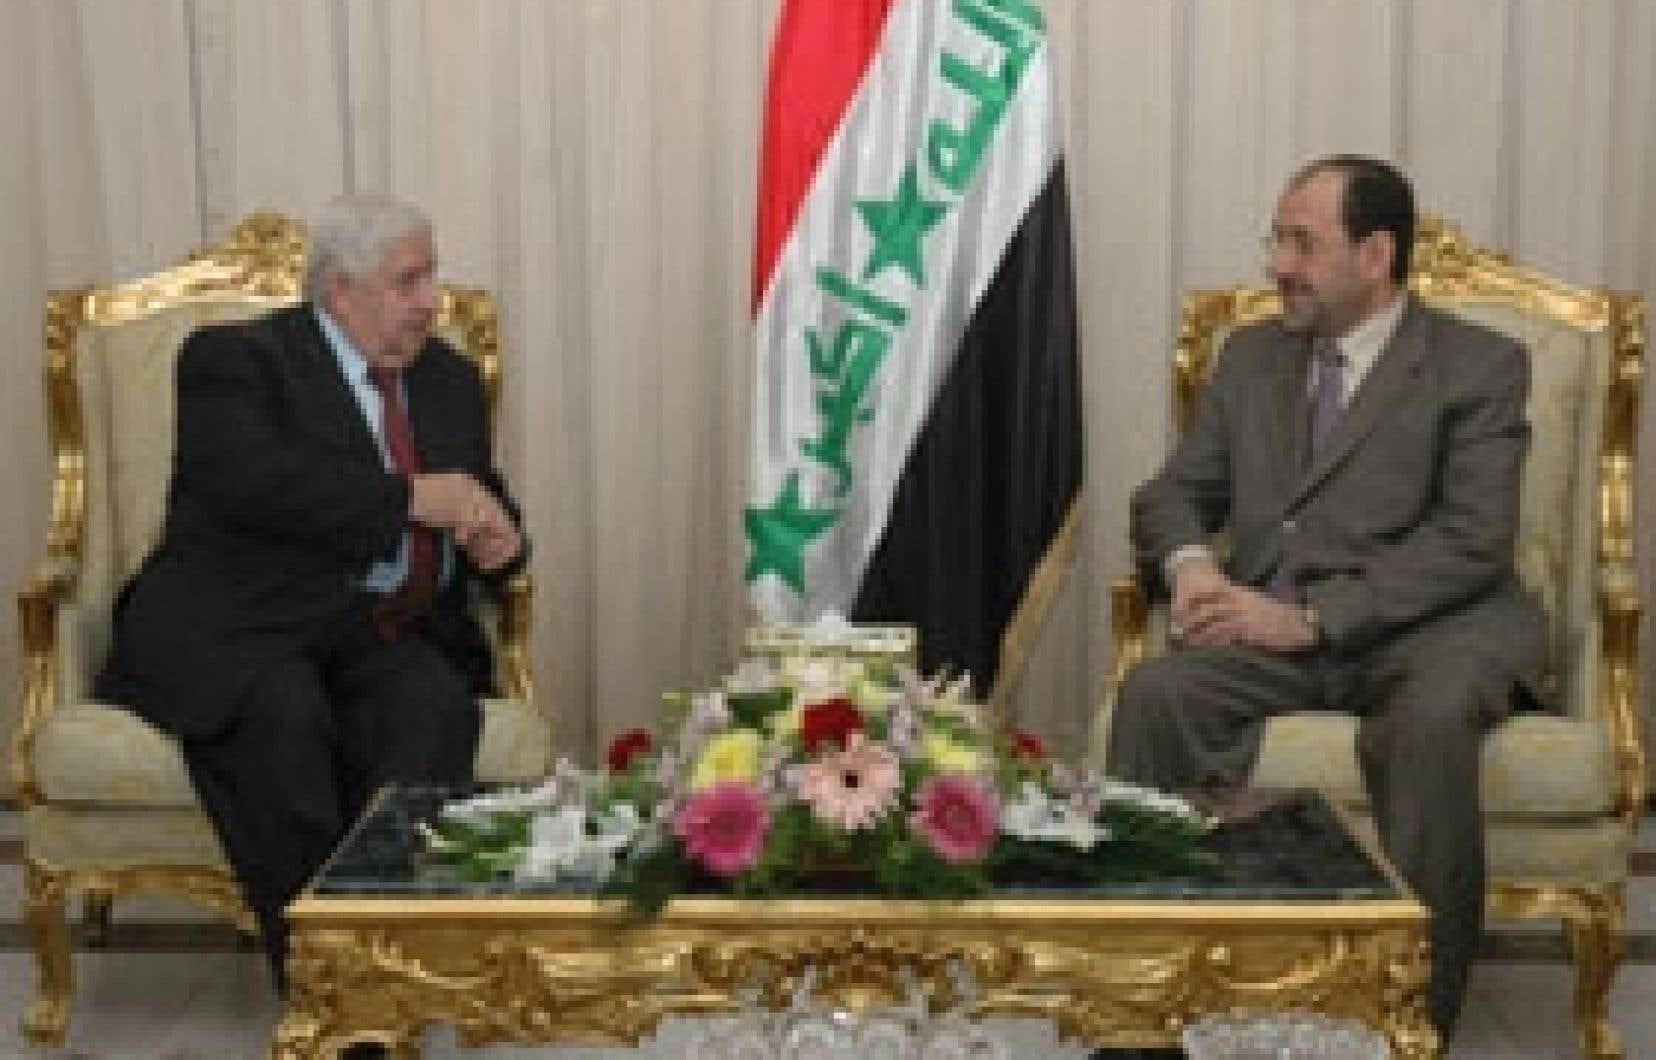 Le premier ministre irakien Nouri Al-Maliki (à droite) en compagnie du ministre syrien des Affaires étrangères Walid al-Moualem hier, à Bagdad.